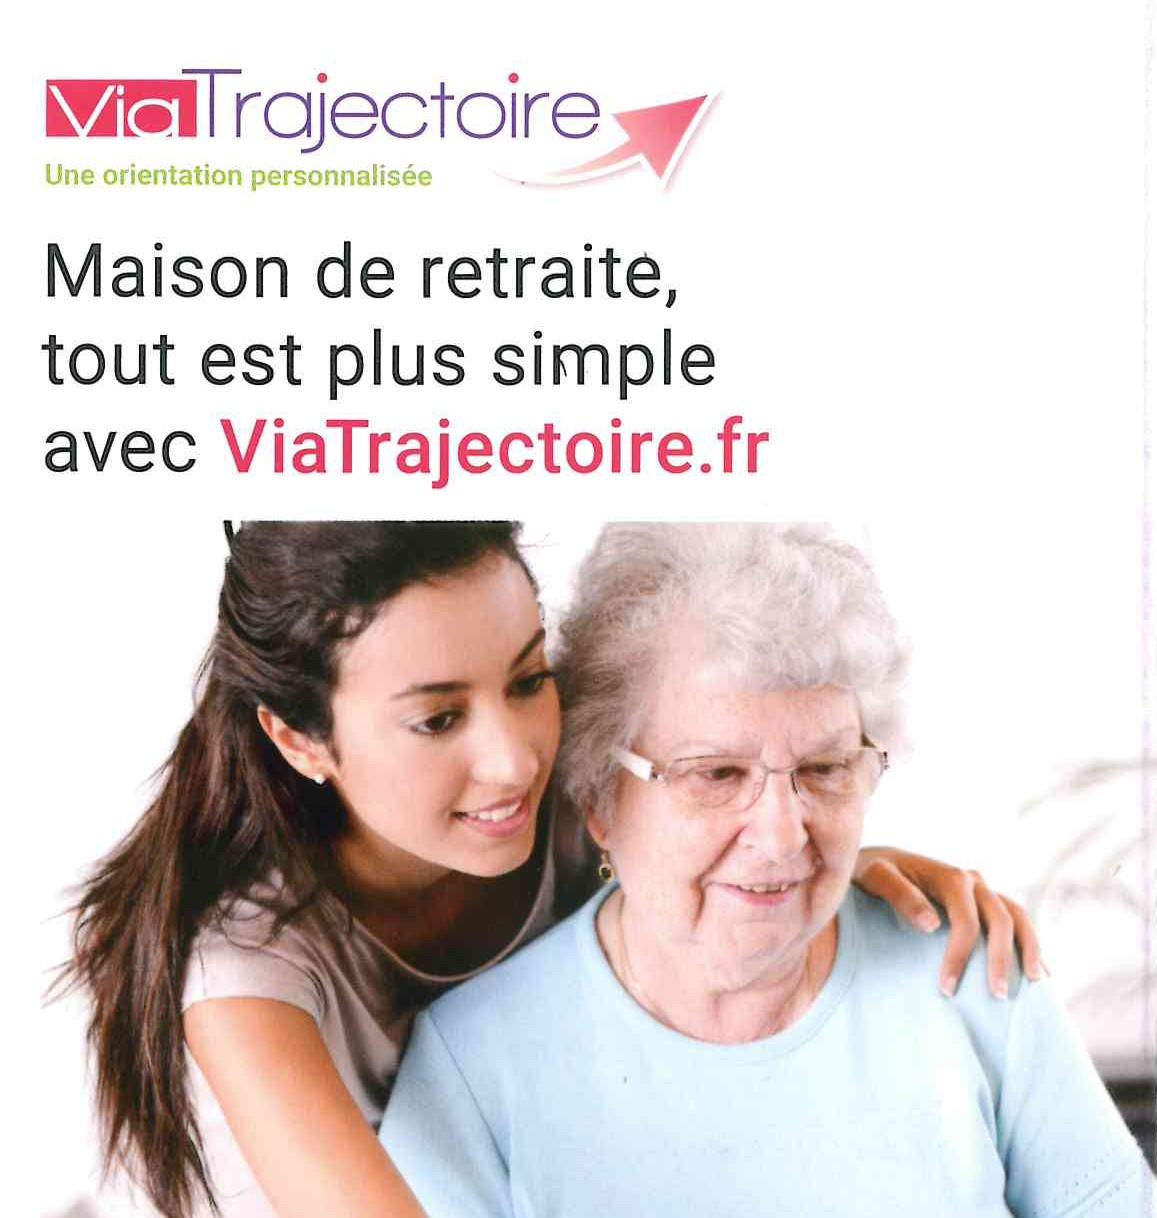 Viatrajectoire